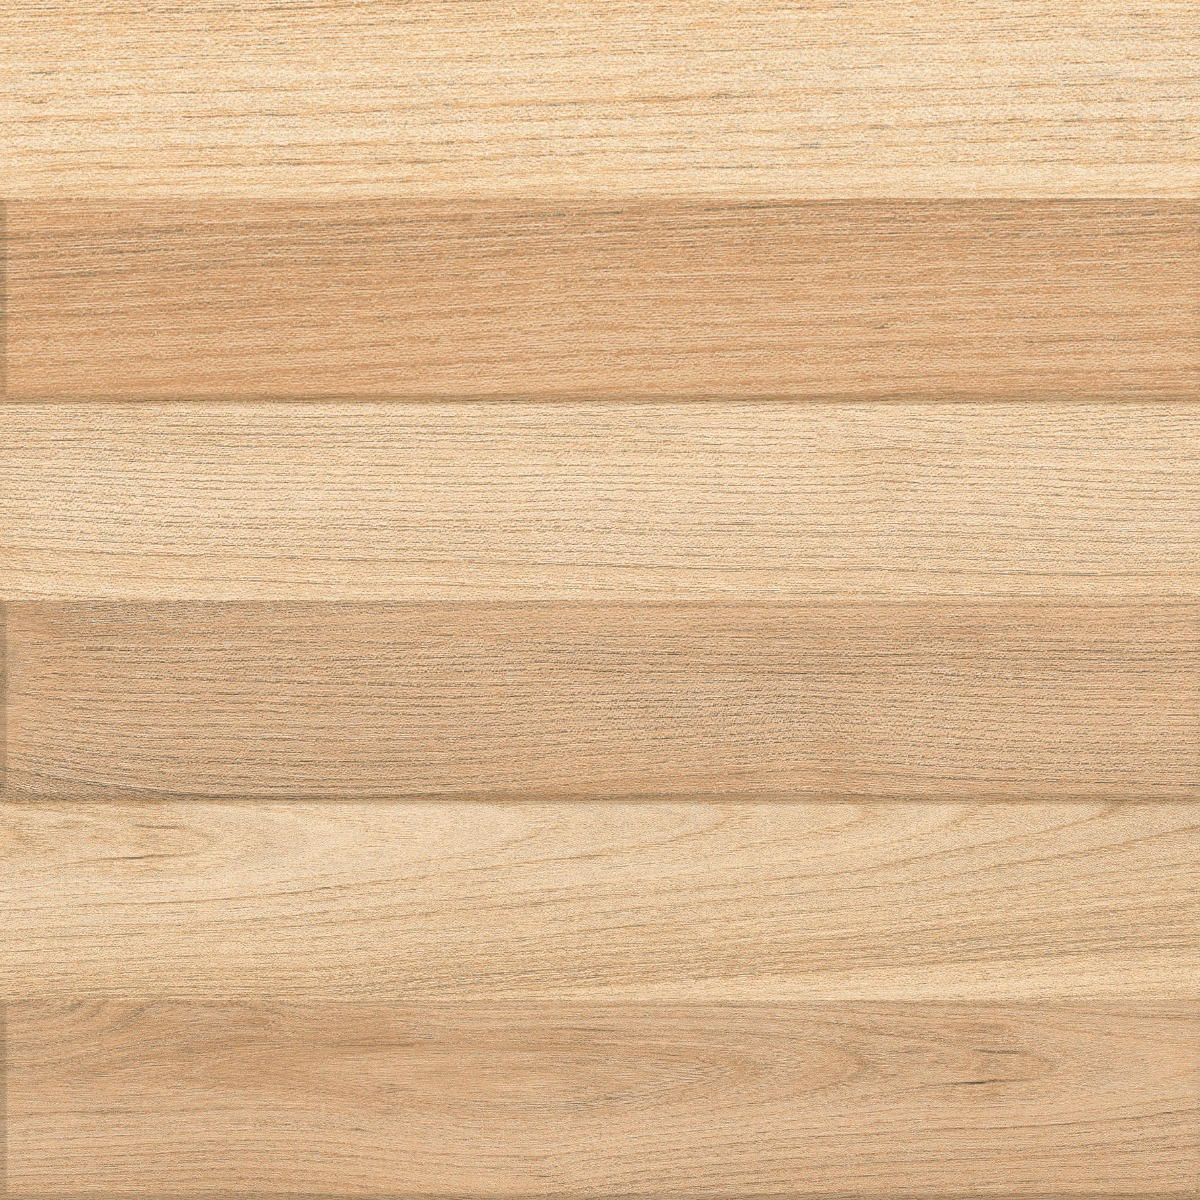 GFT ODP Wood Strip Natural FT